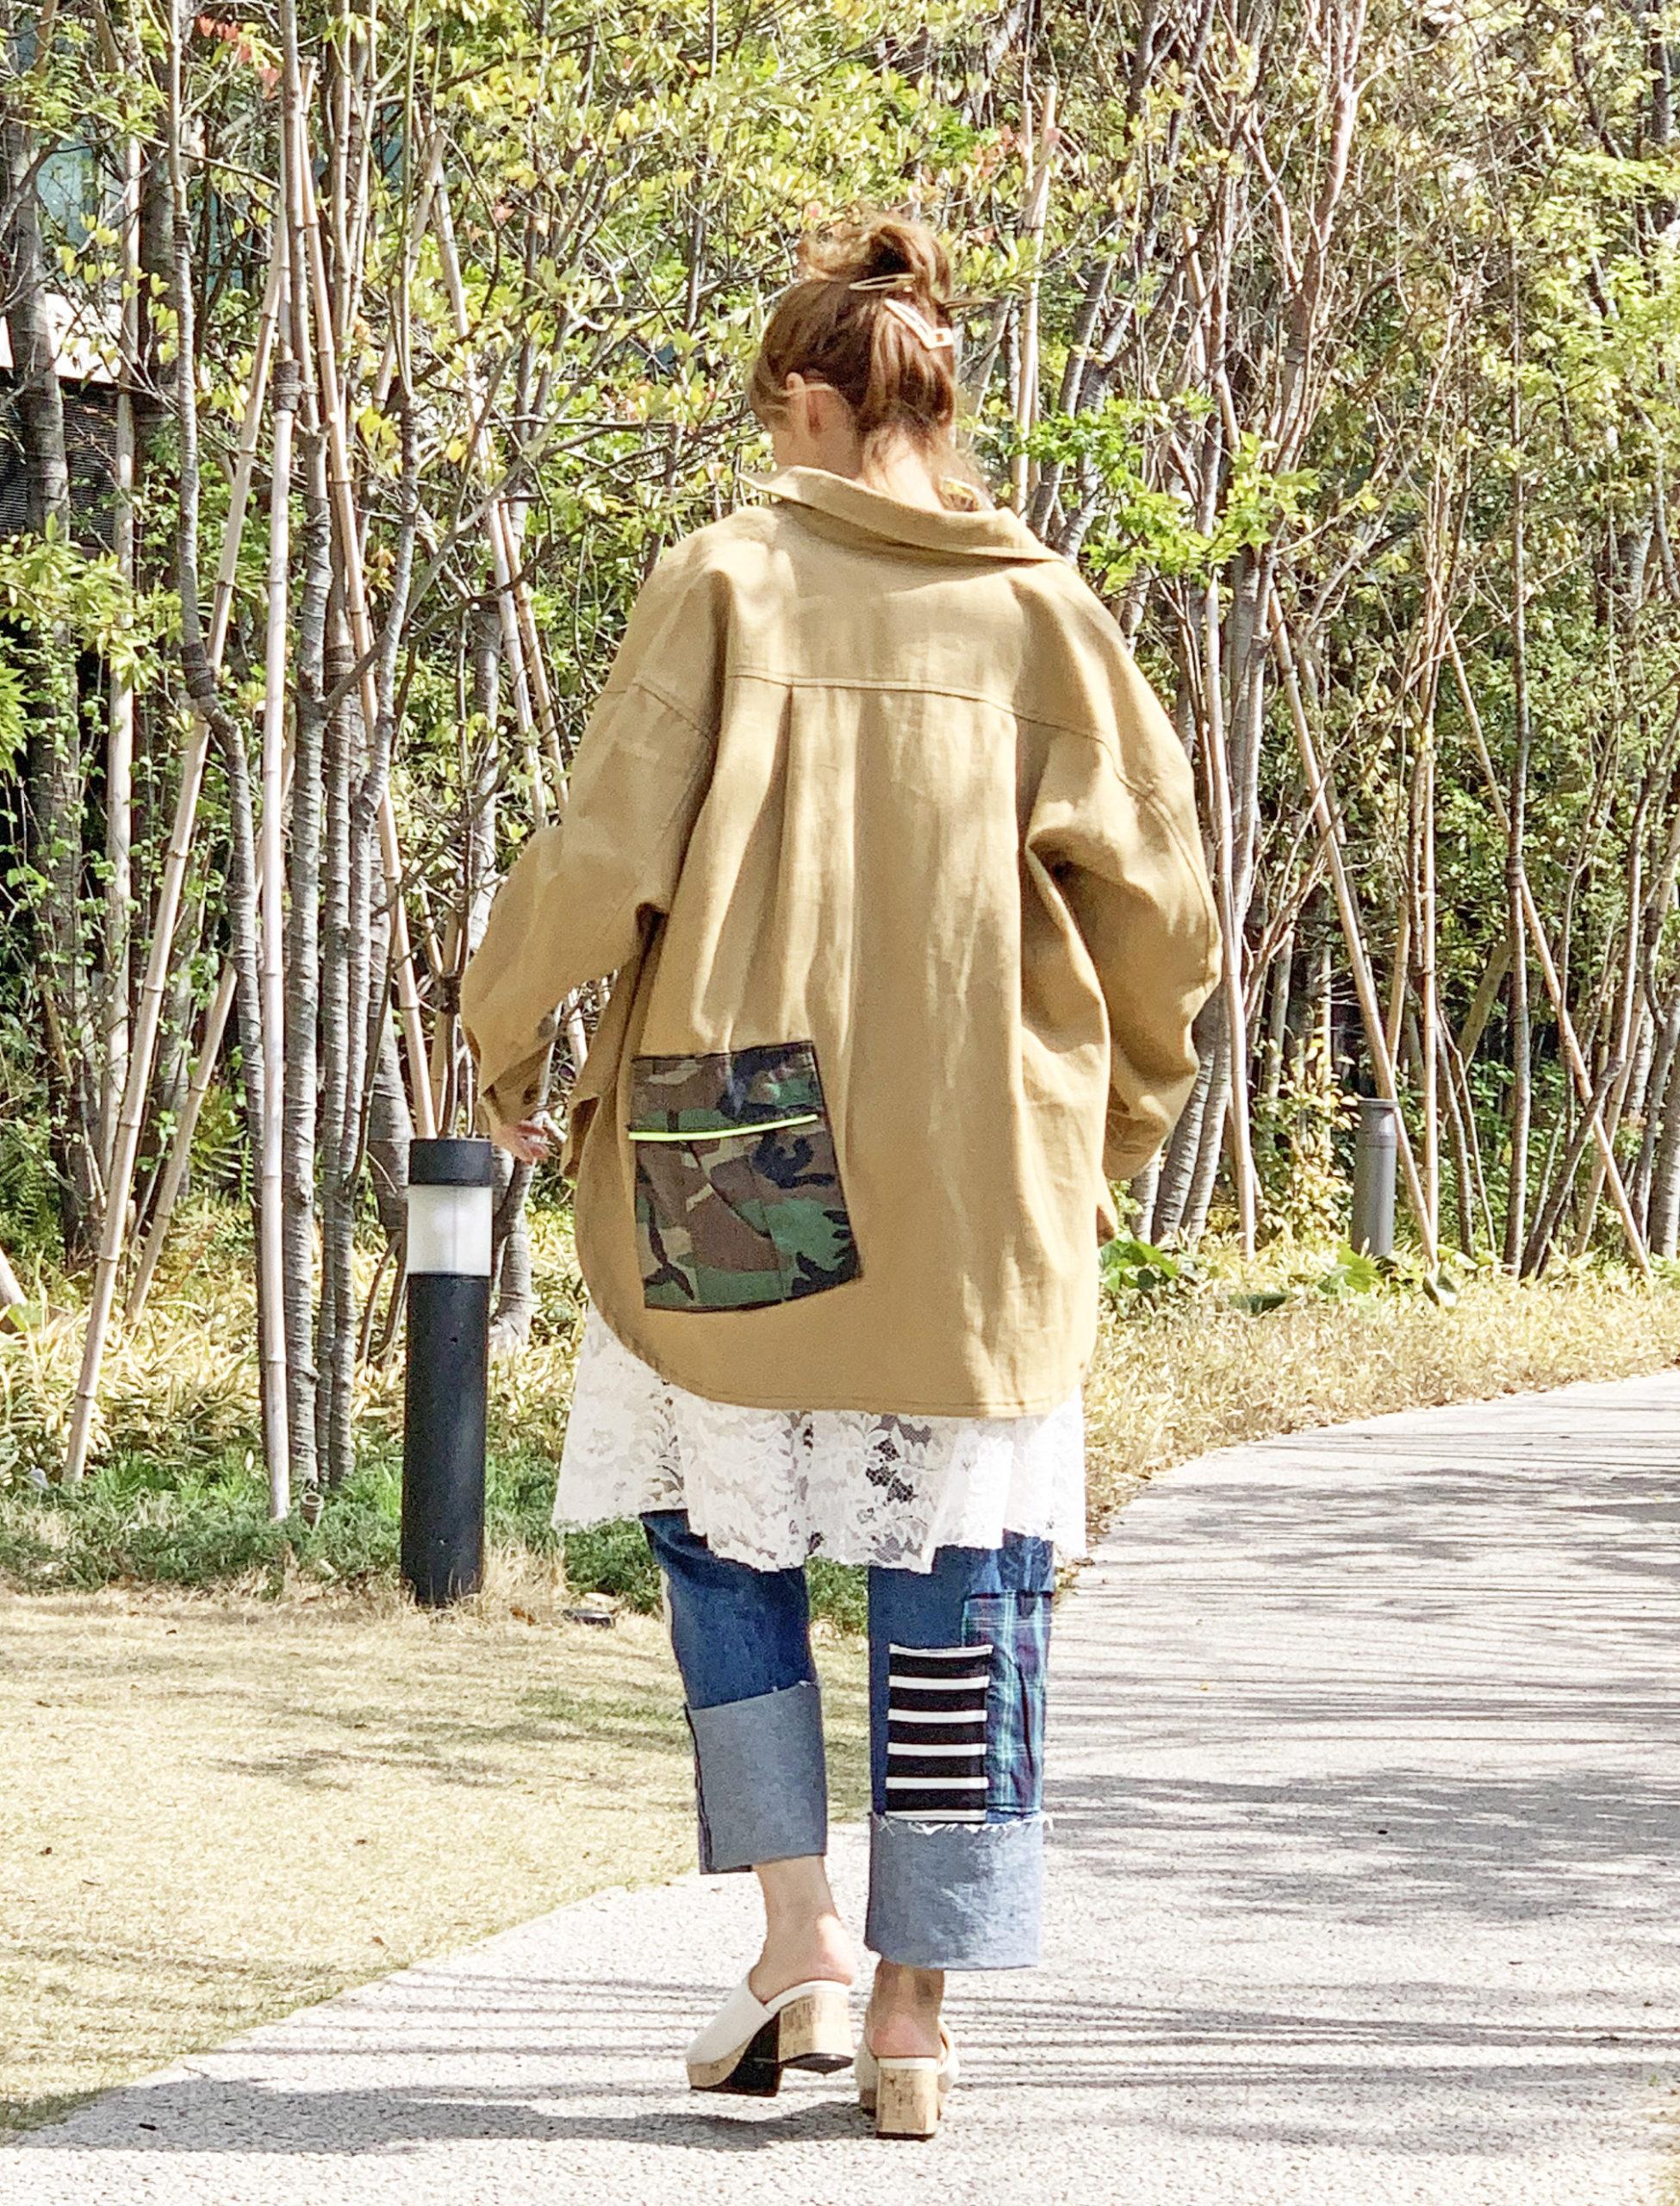 Camouflage-pocket-jacket